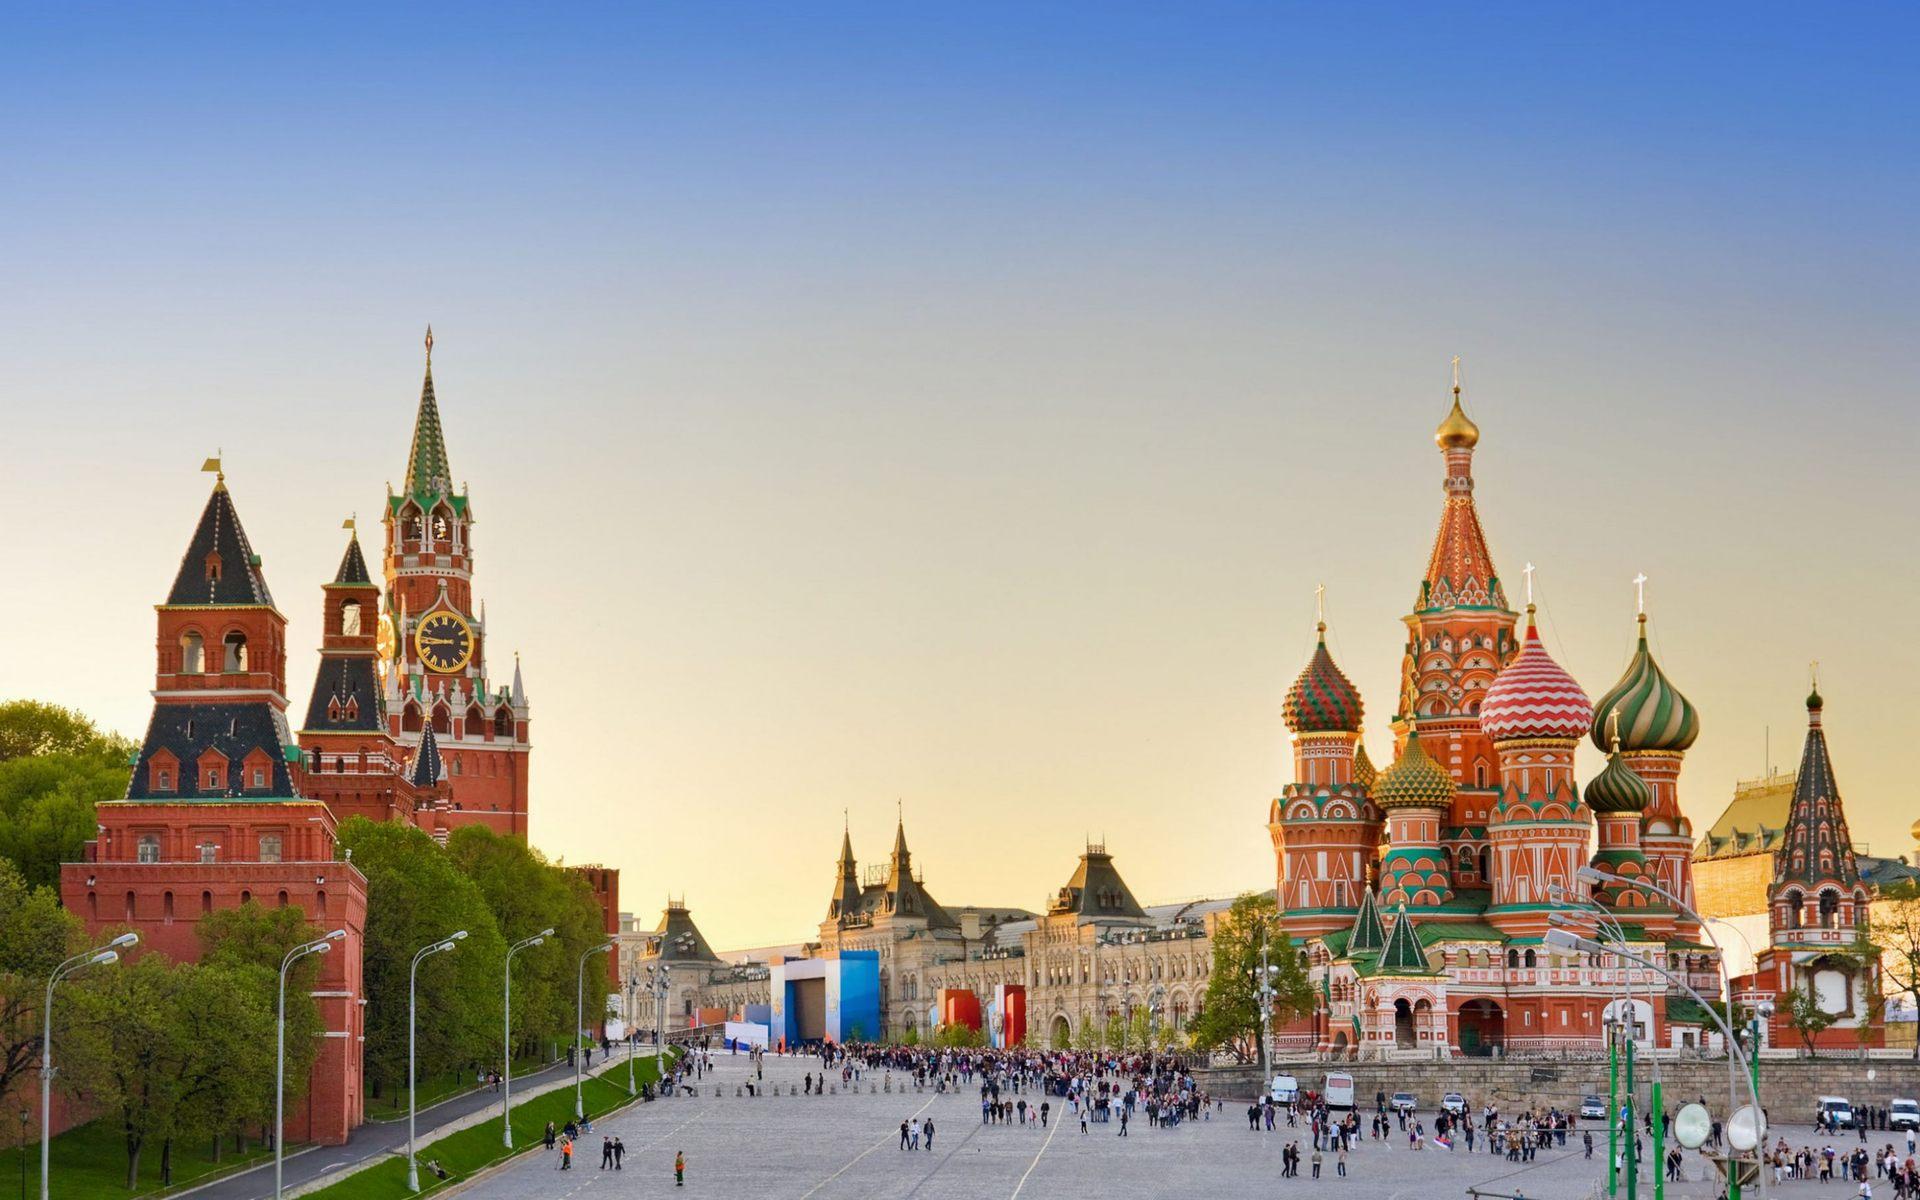 لیدر مسکو |رزرو آنلاین تور لیدر مسکو و مترجم مسکو و راهنمای محلی مسکو با کمترین قیمت